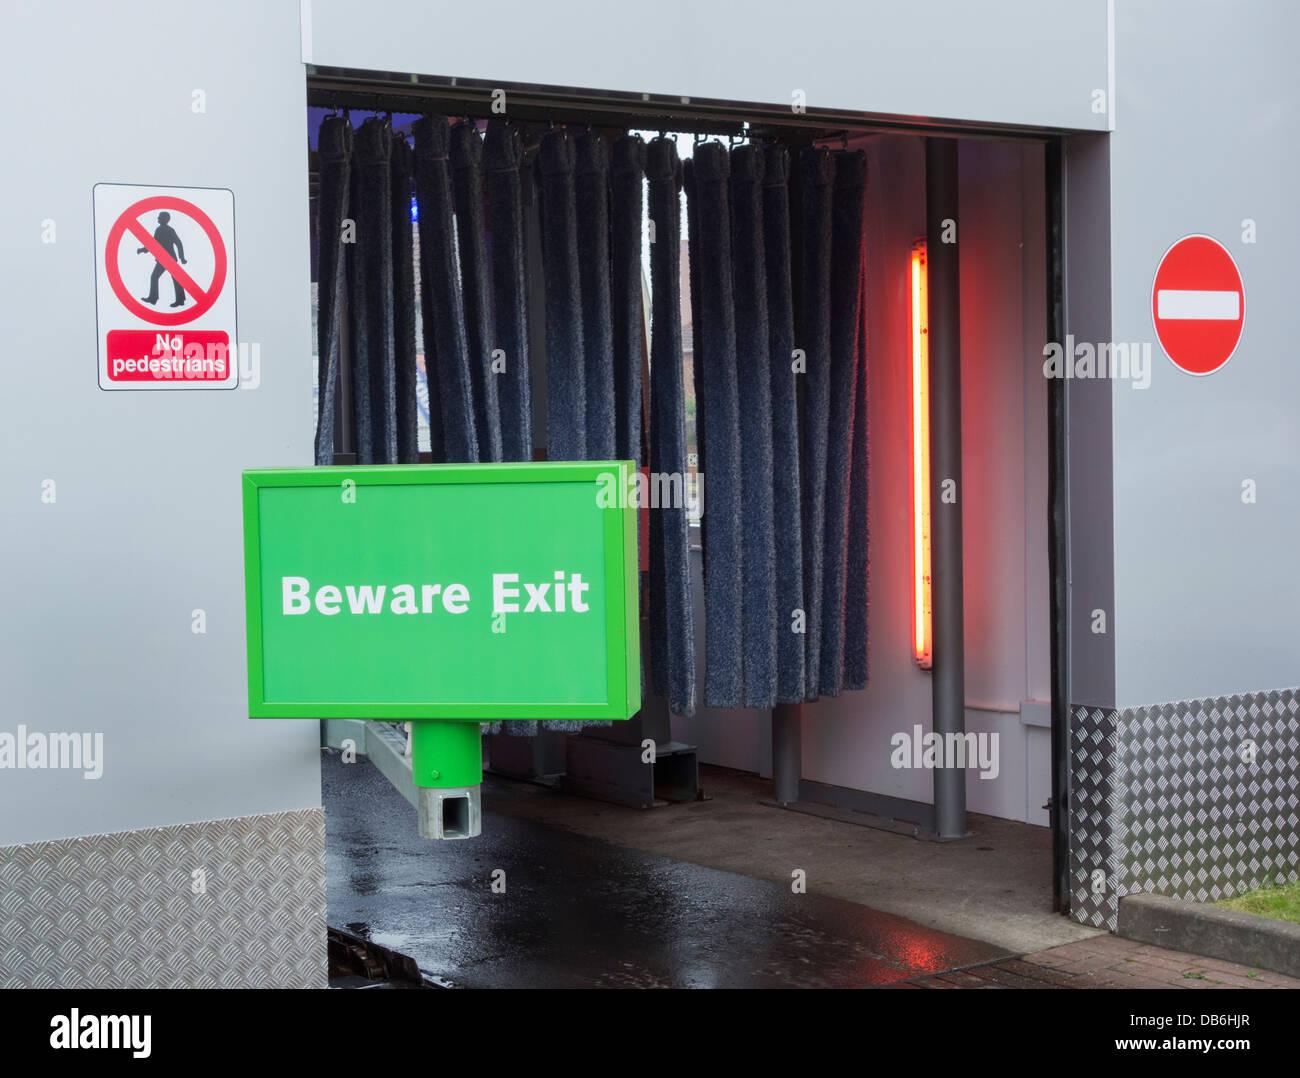 Car wash exit. UK - Stock Image